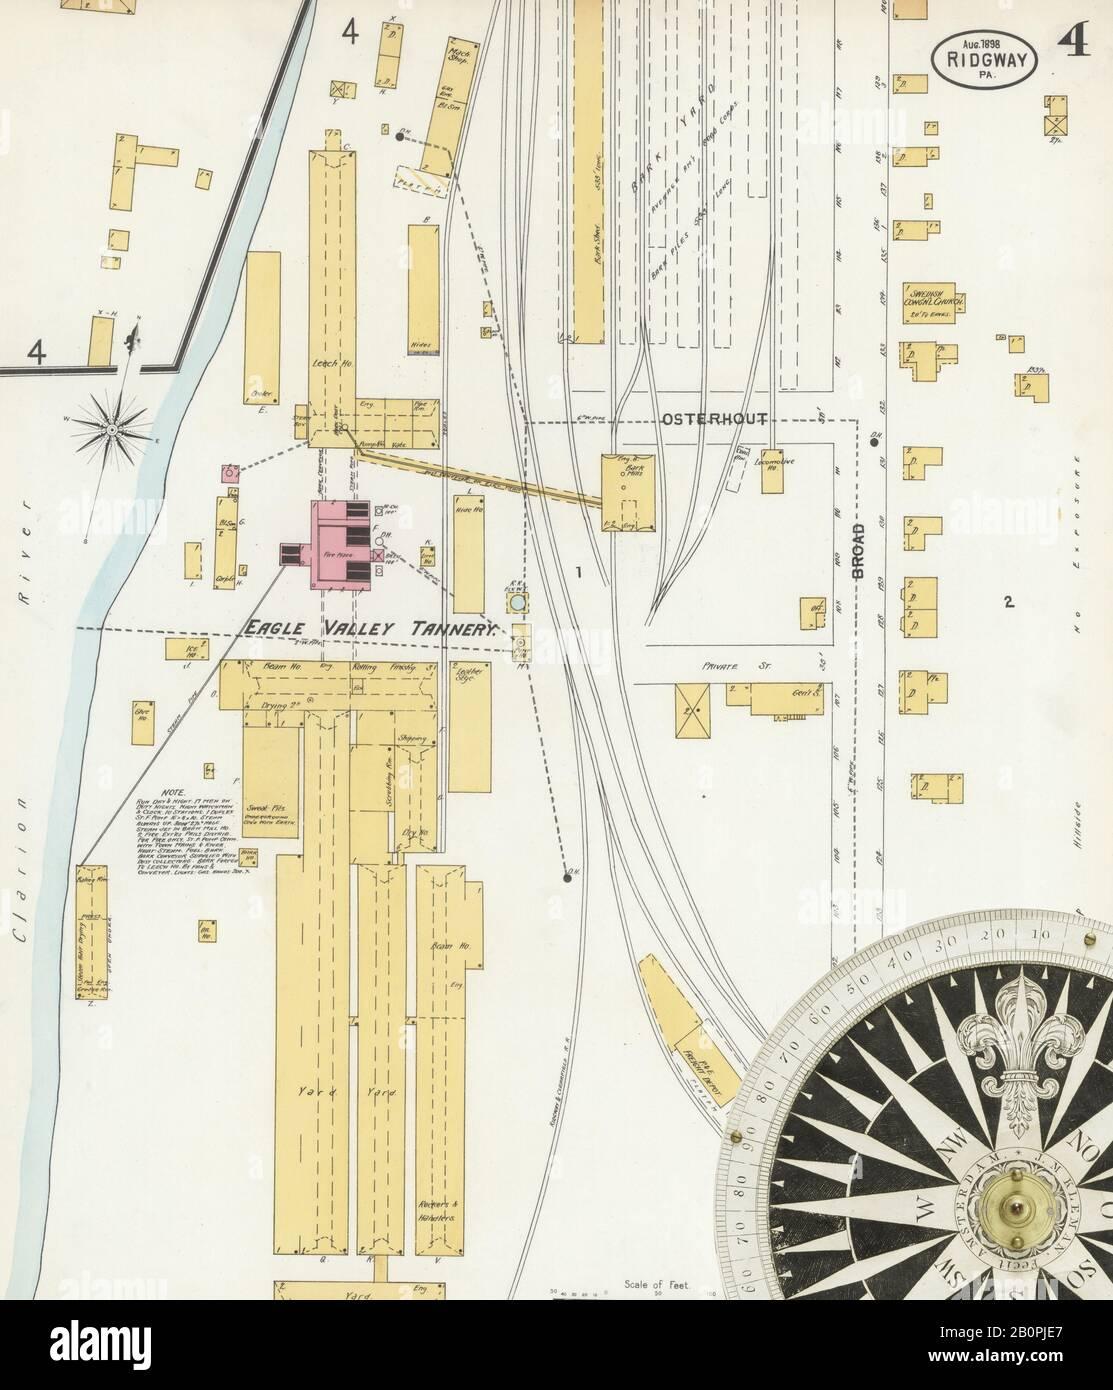 Bild 4 von Sanborn Fire Insurance Map aus Ridgway, Elk County, Pennsylvania. August 1898. 6 Blatt(e), Amerika, Straßenkarte mit einem Kompass Aus Dem 19. Jahrhundert Stockfoto